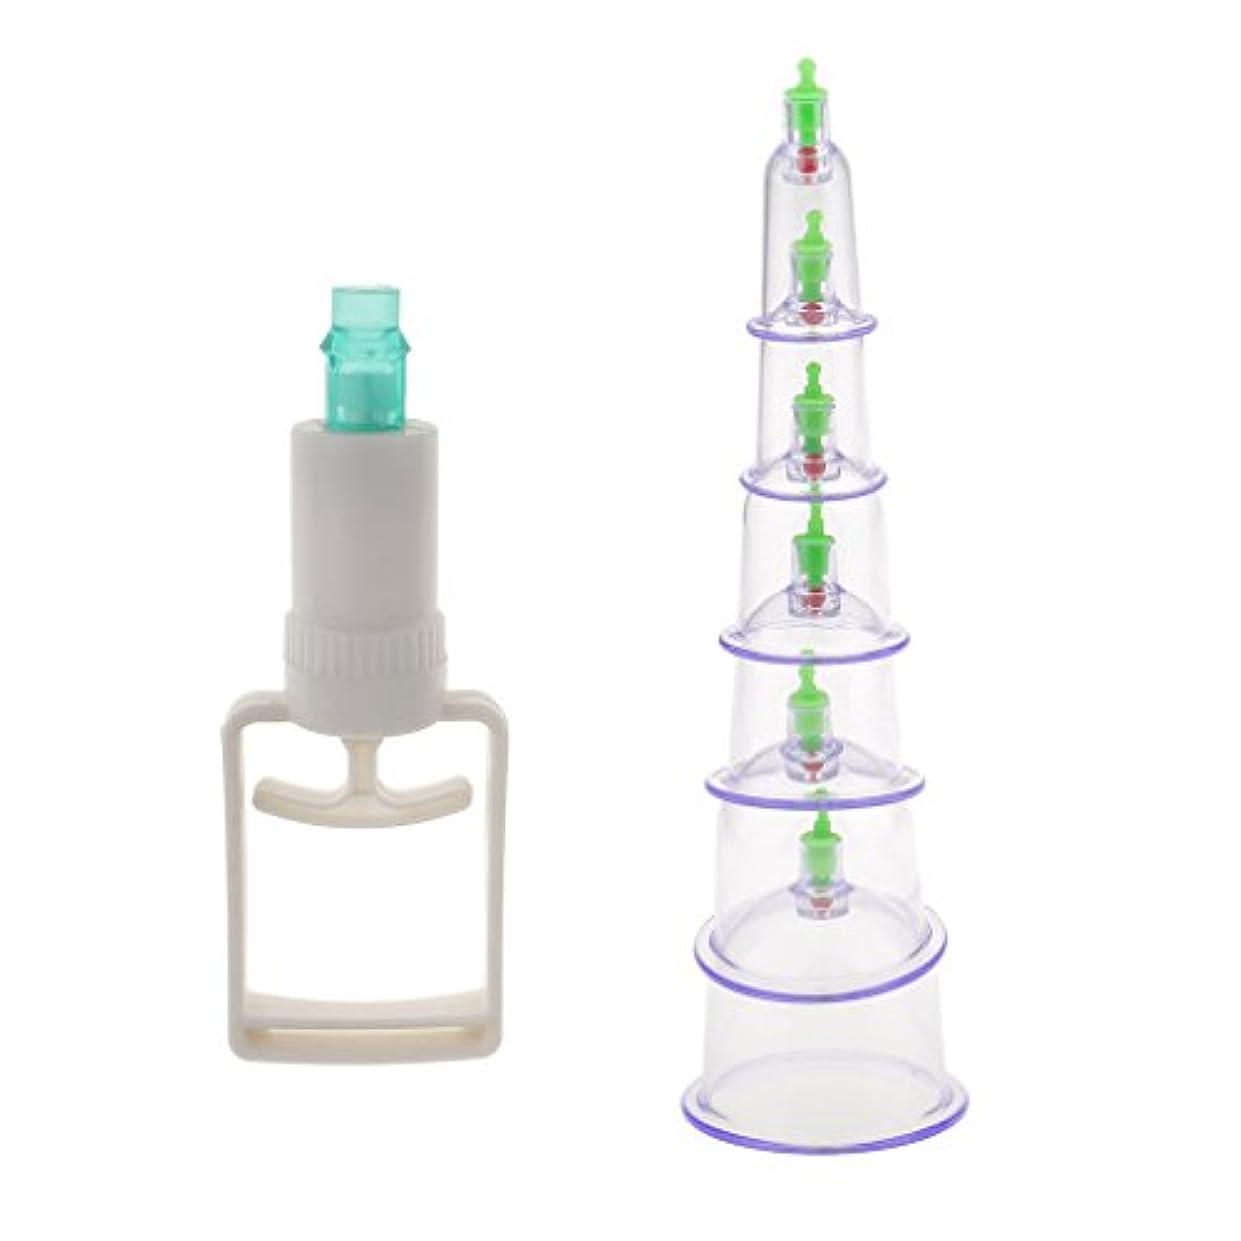 南粘液暴露6個入り 真空ポンプ 吸引 カッピング マッサージ 血液循環 組織再生 セラピーセット 漢方